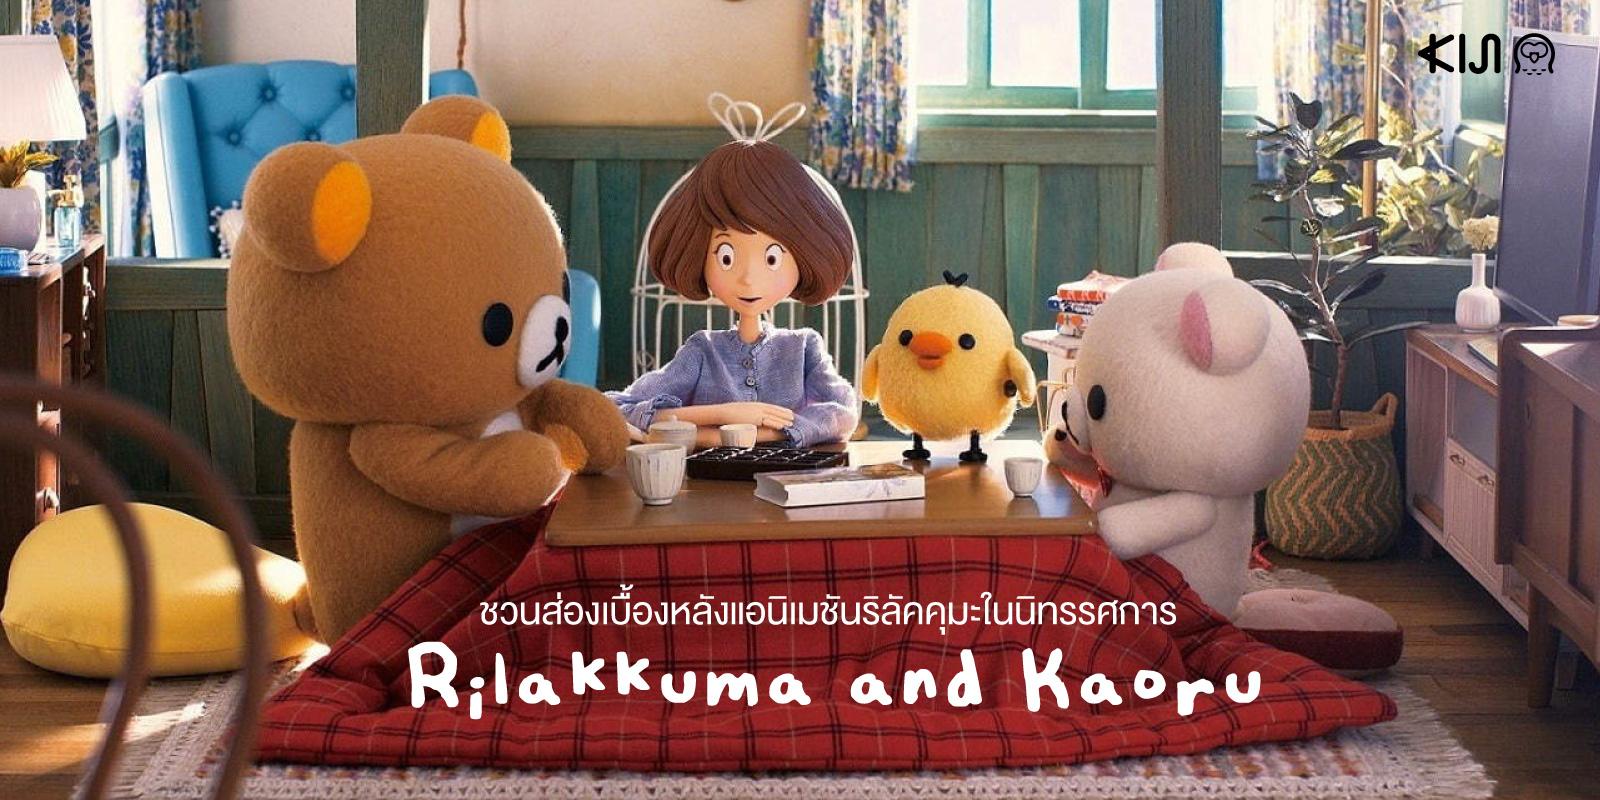 นิทรรศการ Rilakkuma and Kaoru Exhibition ขวัญชาวหมีรีลัคคุมะ